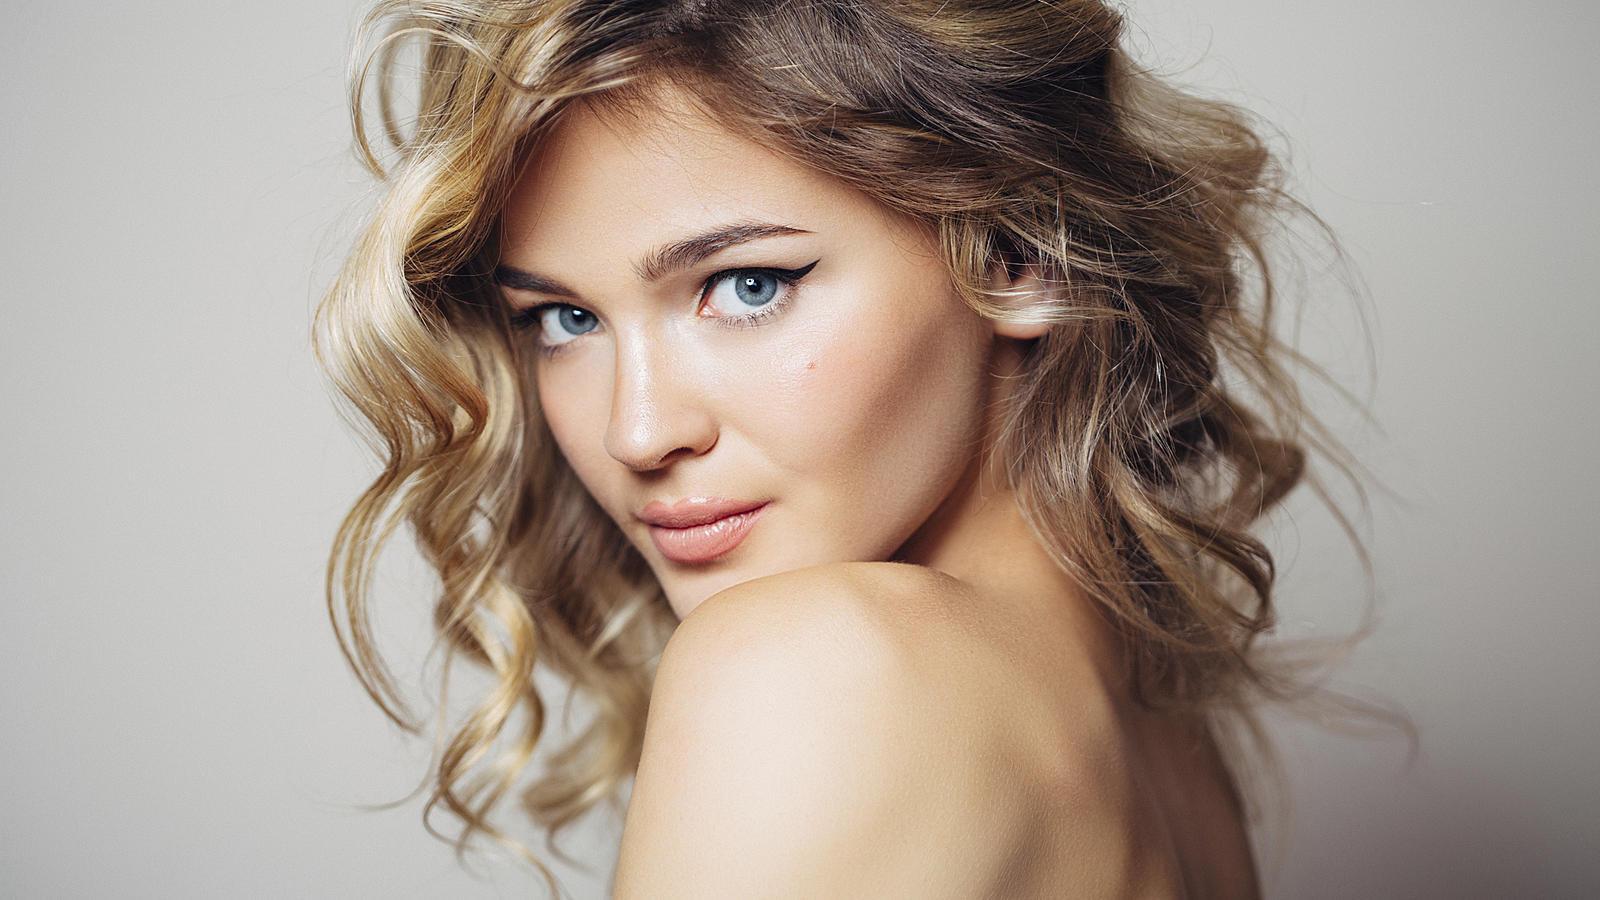 Naturlocken Frisieren Tolles Styling Für Lockige Haare